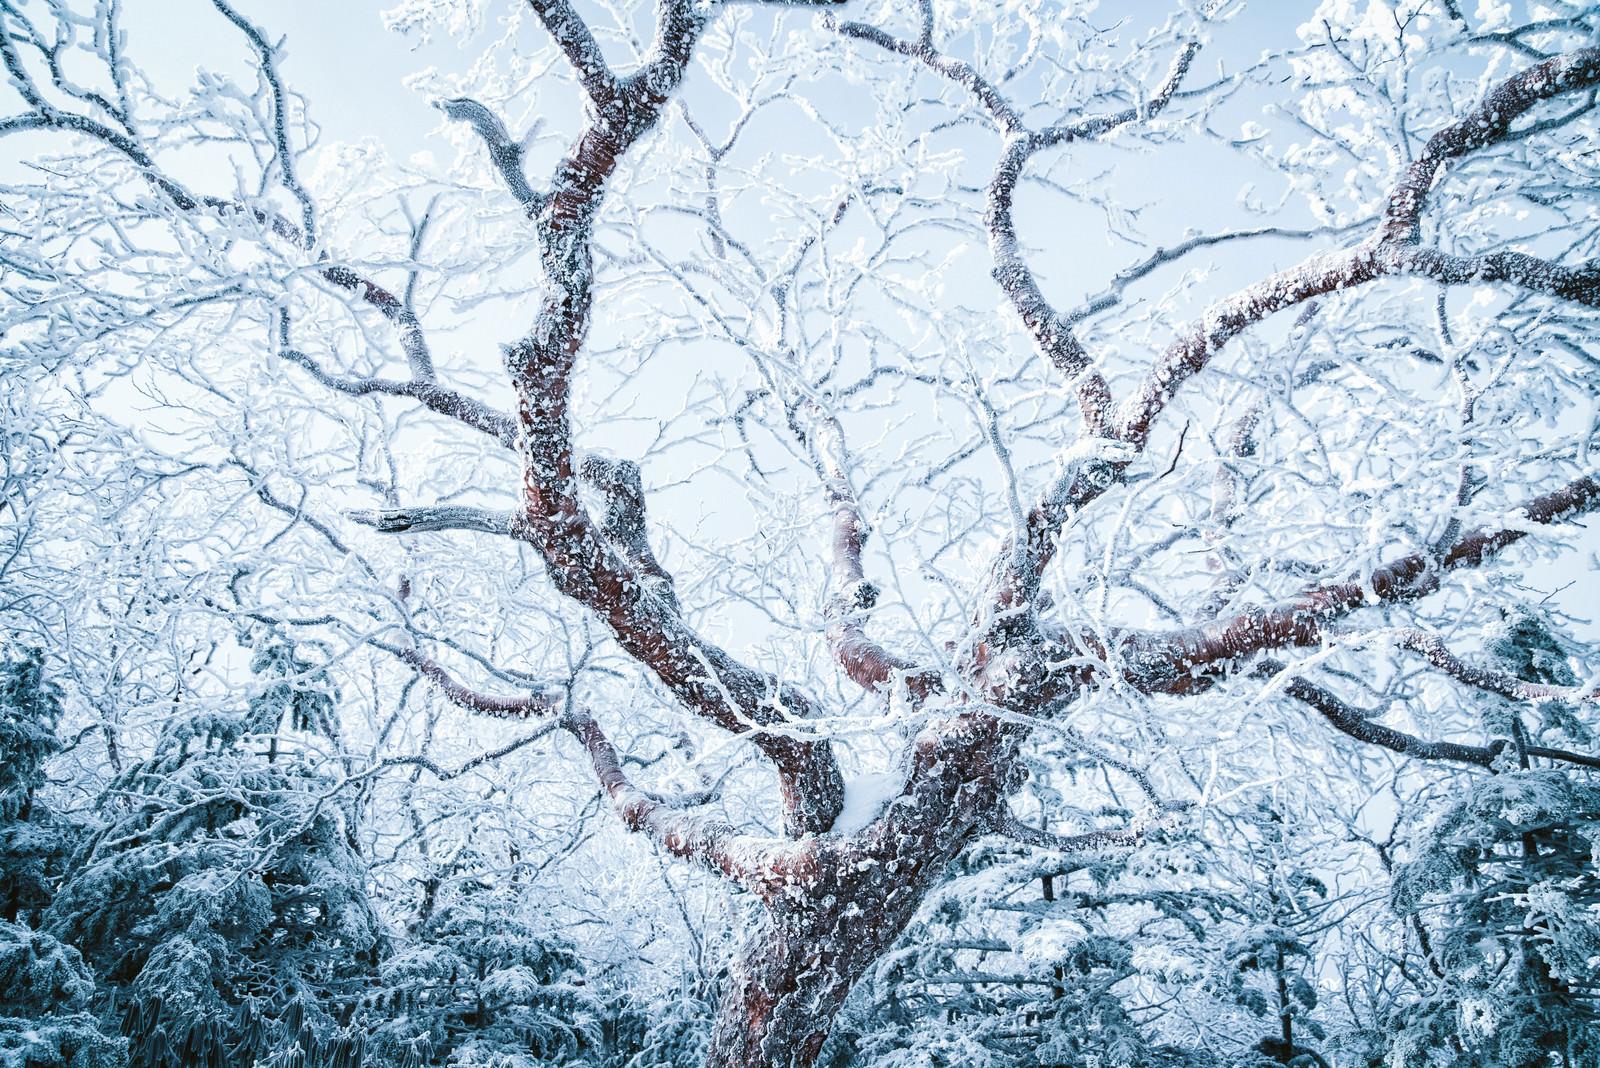 「張り巡らせる樹氷」の写真